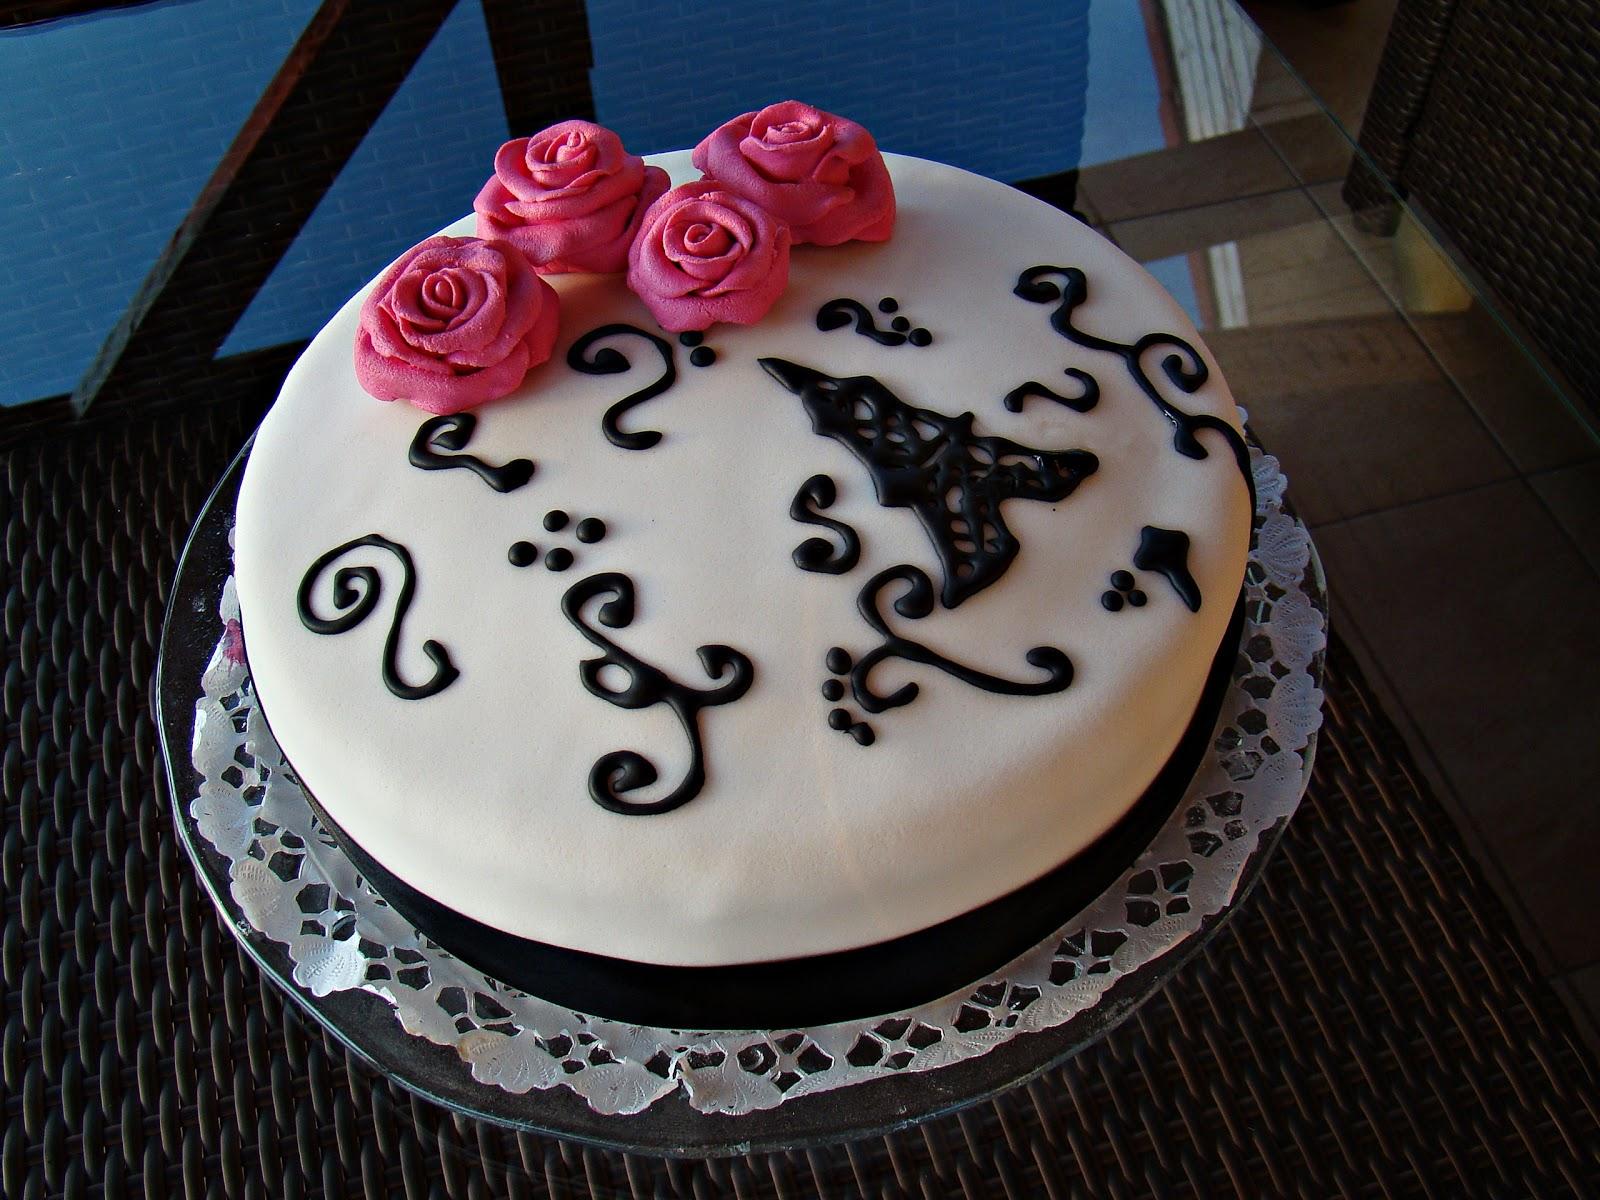 szülinapi torta 18 szülinapra SÜTIK BIRODALMA: Szülinapi torta szülinapi torta 18 szülinapra